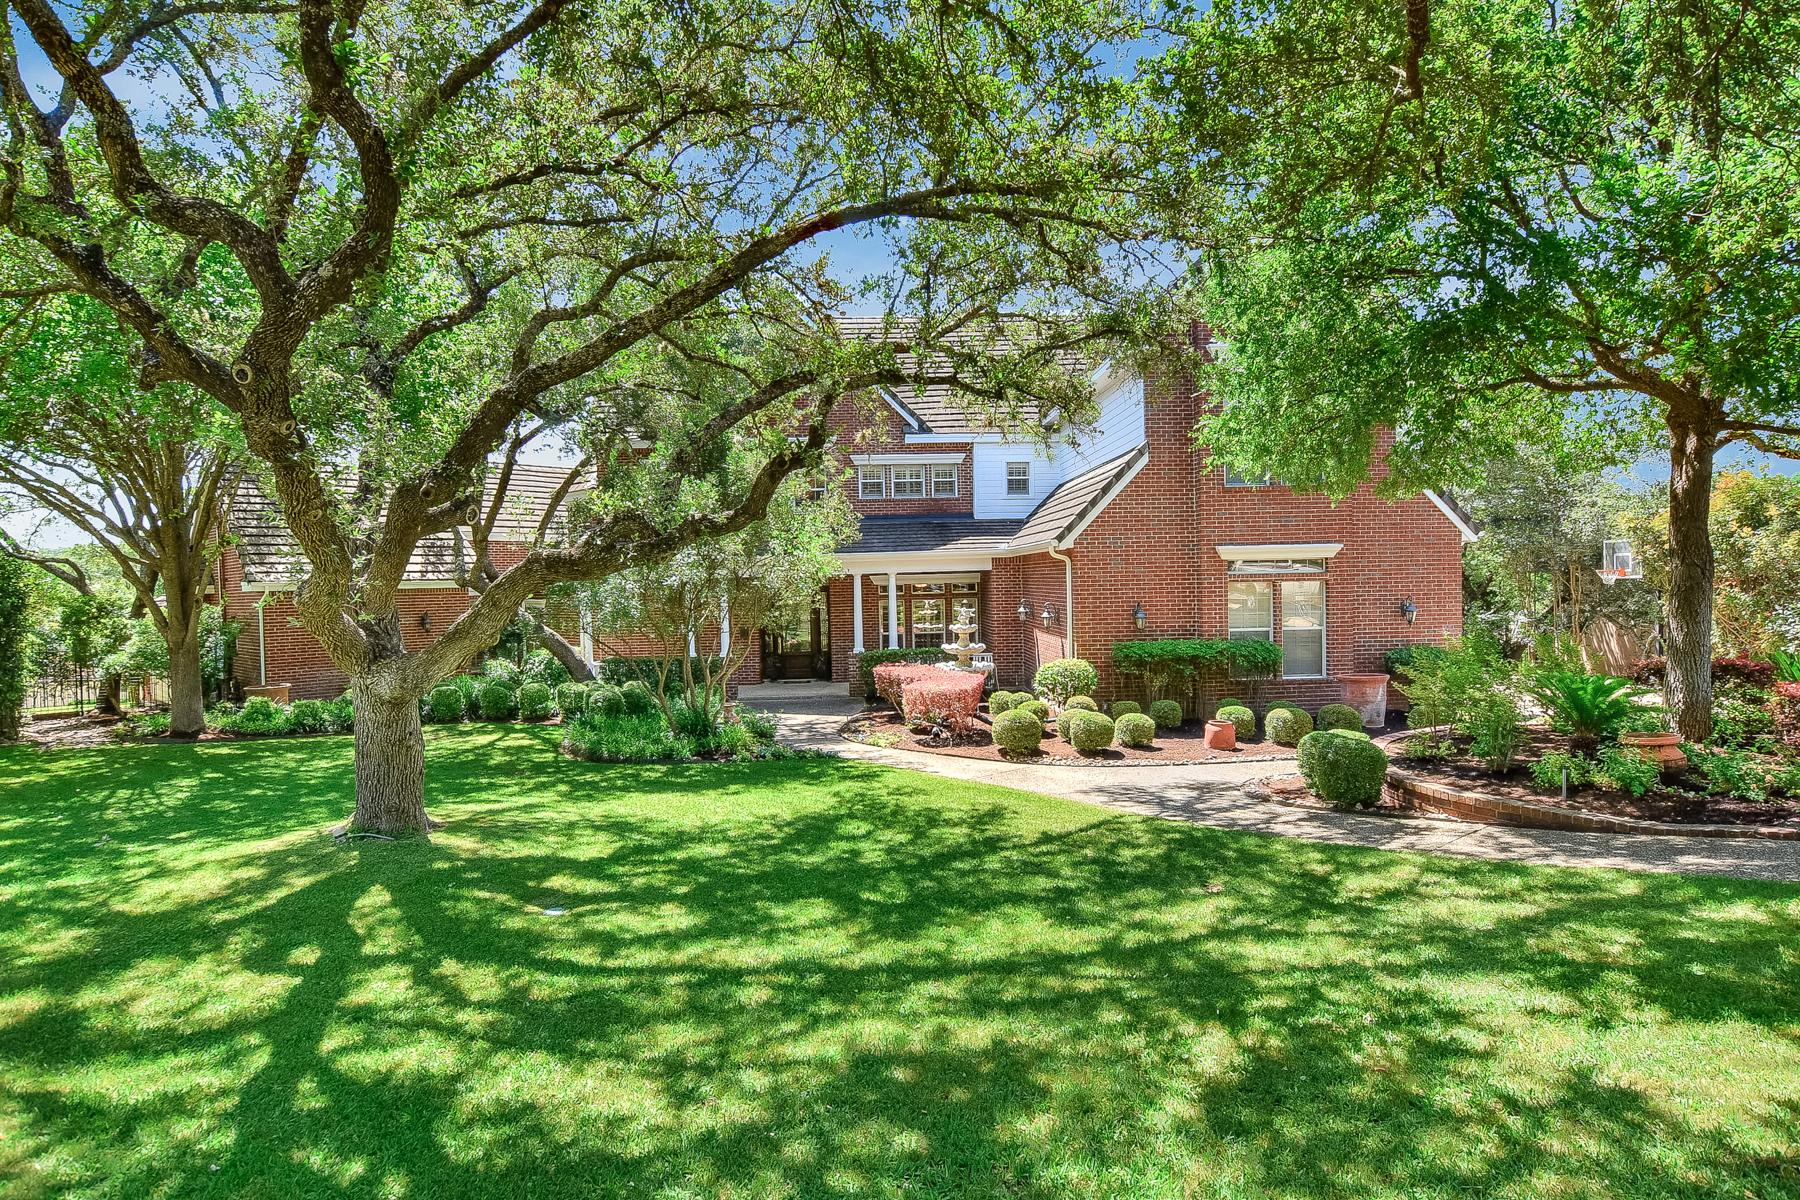 Maison unifamiliale pour l Vente à Magnificently Kept Home in The Dominion 4 Turin Ct San Antonio, Texas, 78257 États-Unis